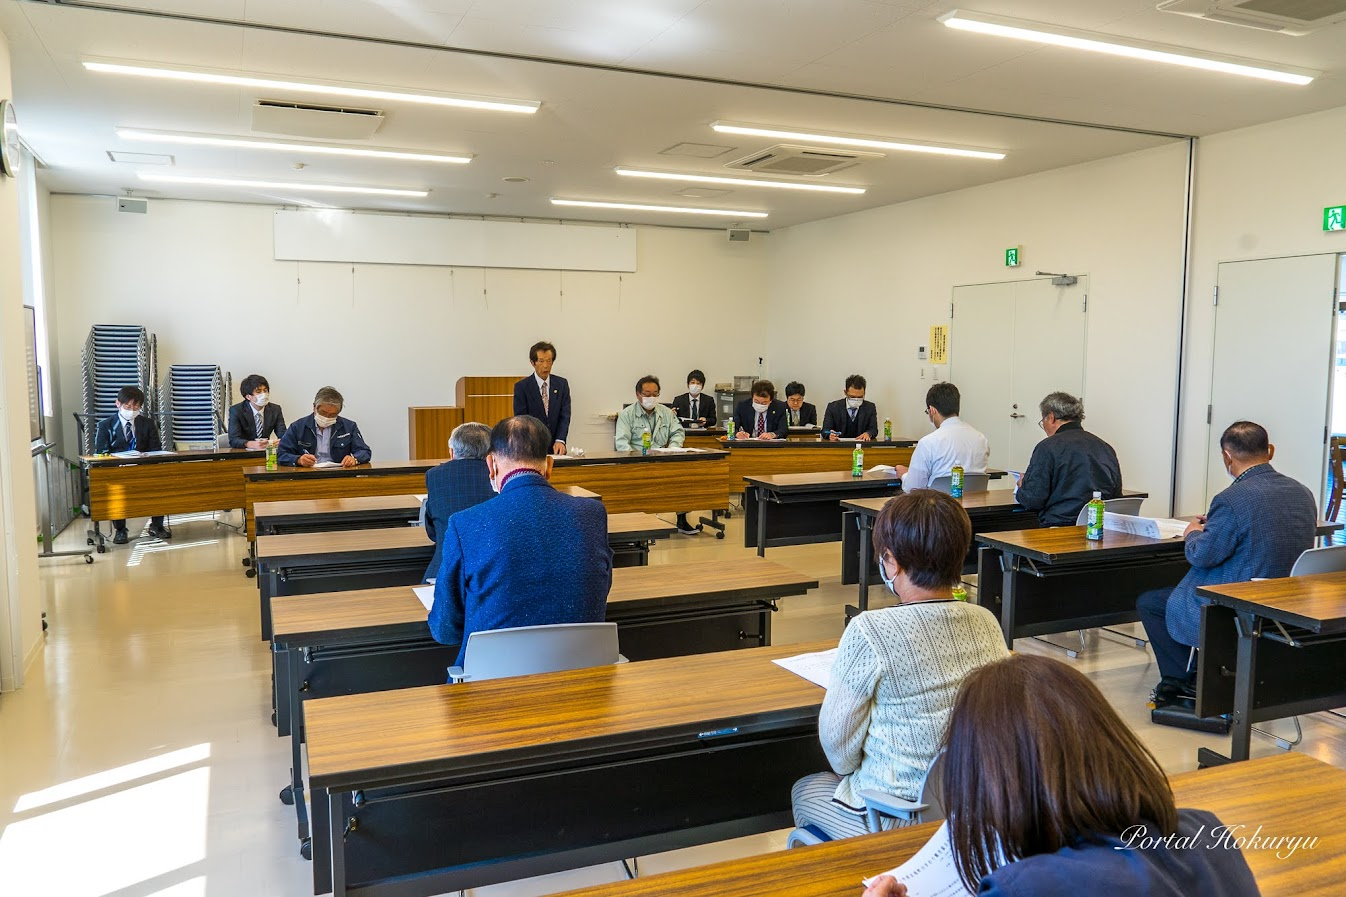 令和2年度北竜町ひまわり観光協会役員会(2020年4月30日・ココワ多目的スペース)